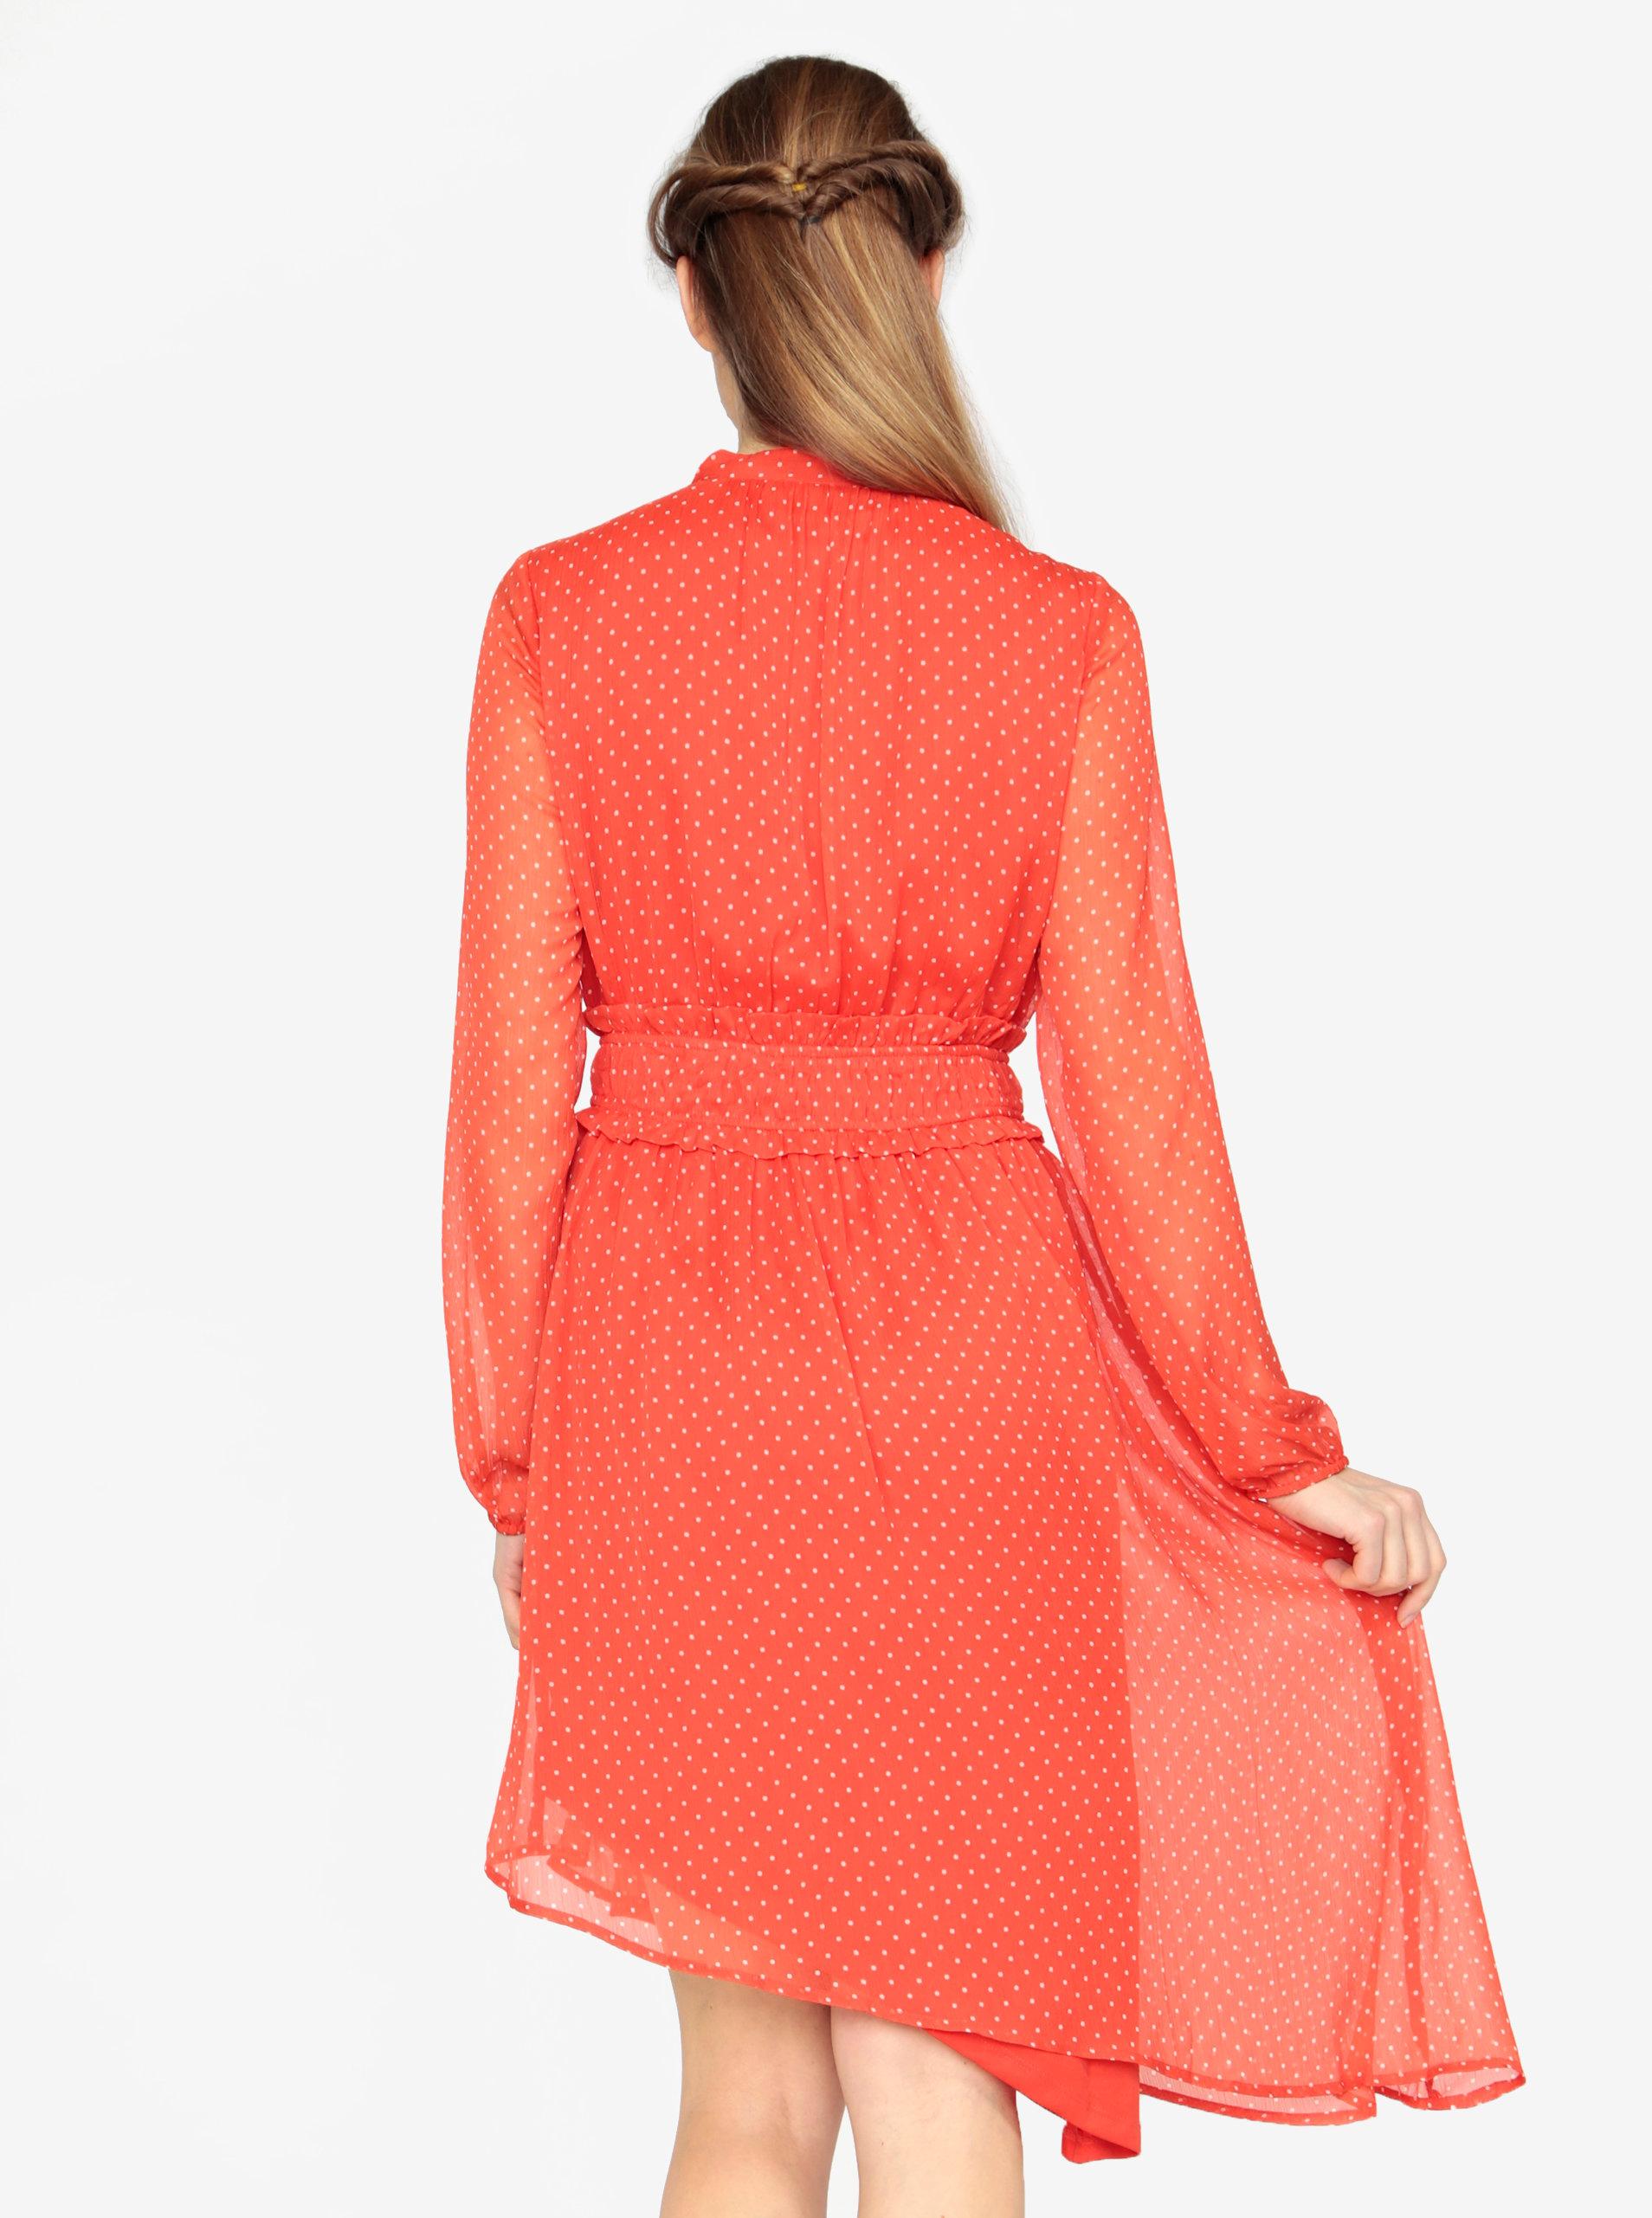 7a14cad28a9 Červené asymetrické šaty s dlhým rukávom VERO MODA Lotta ...